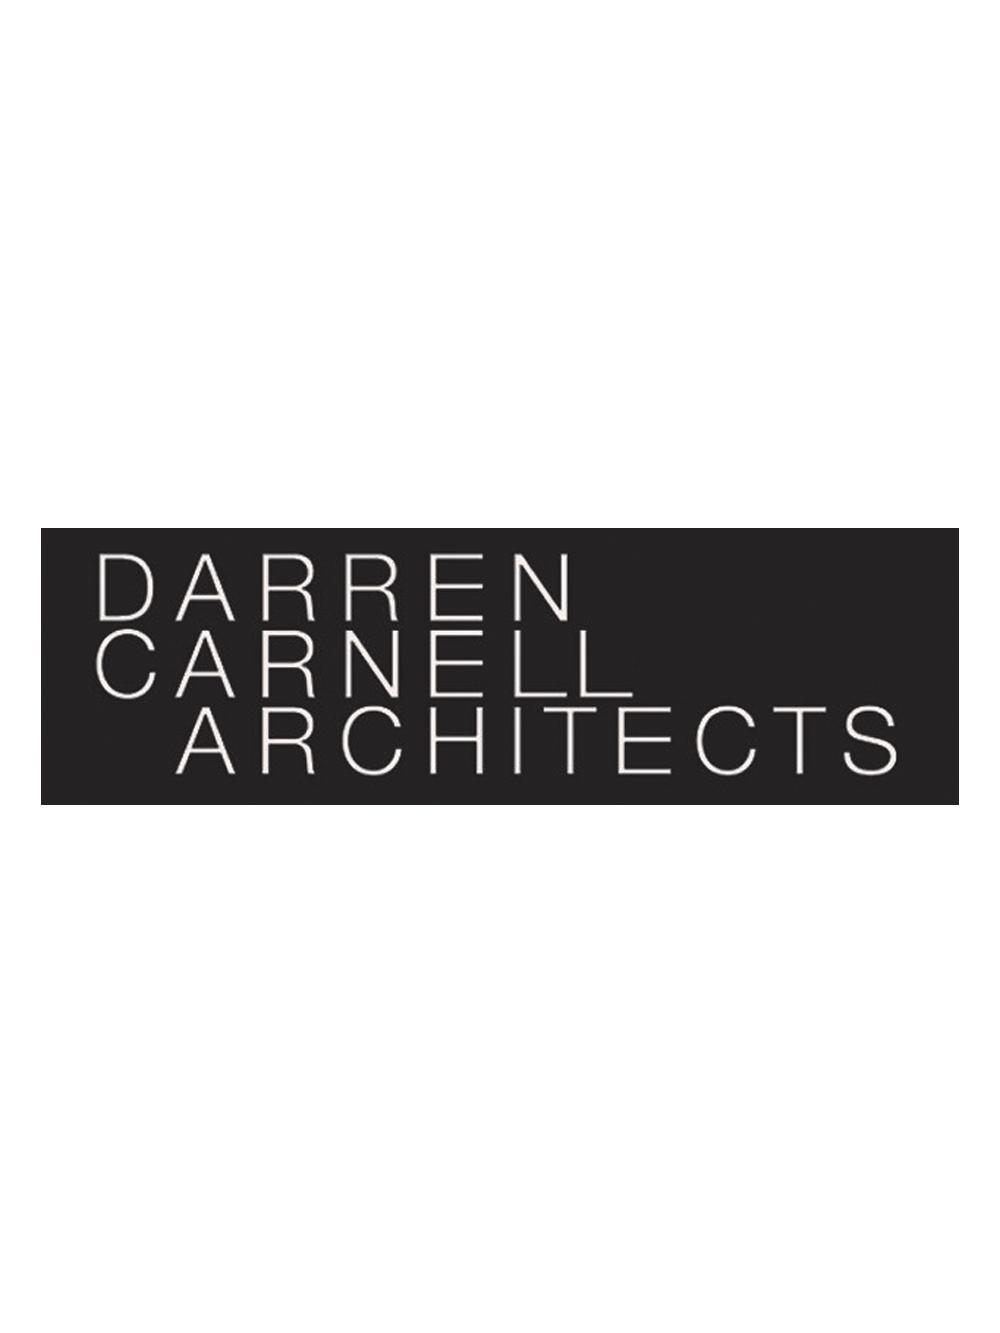 Darren-Carnell_1000x1333.png